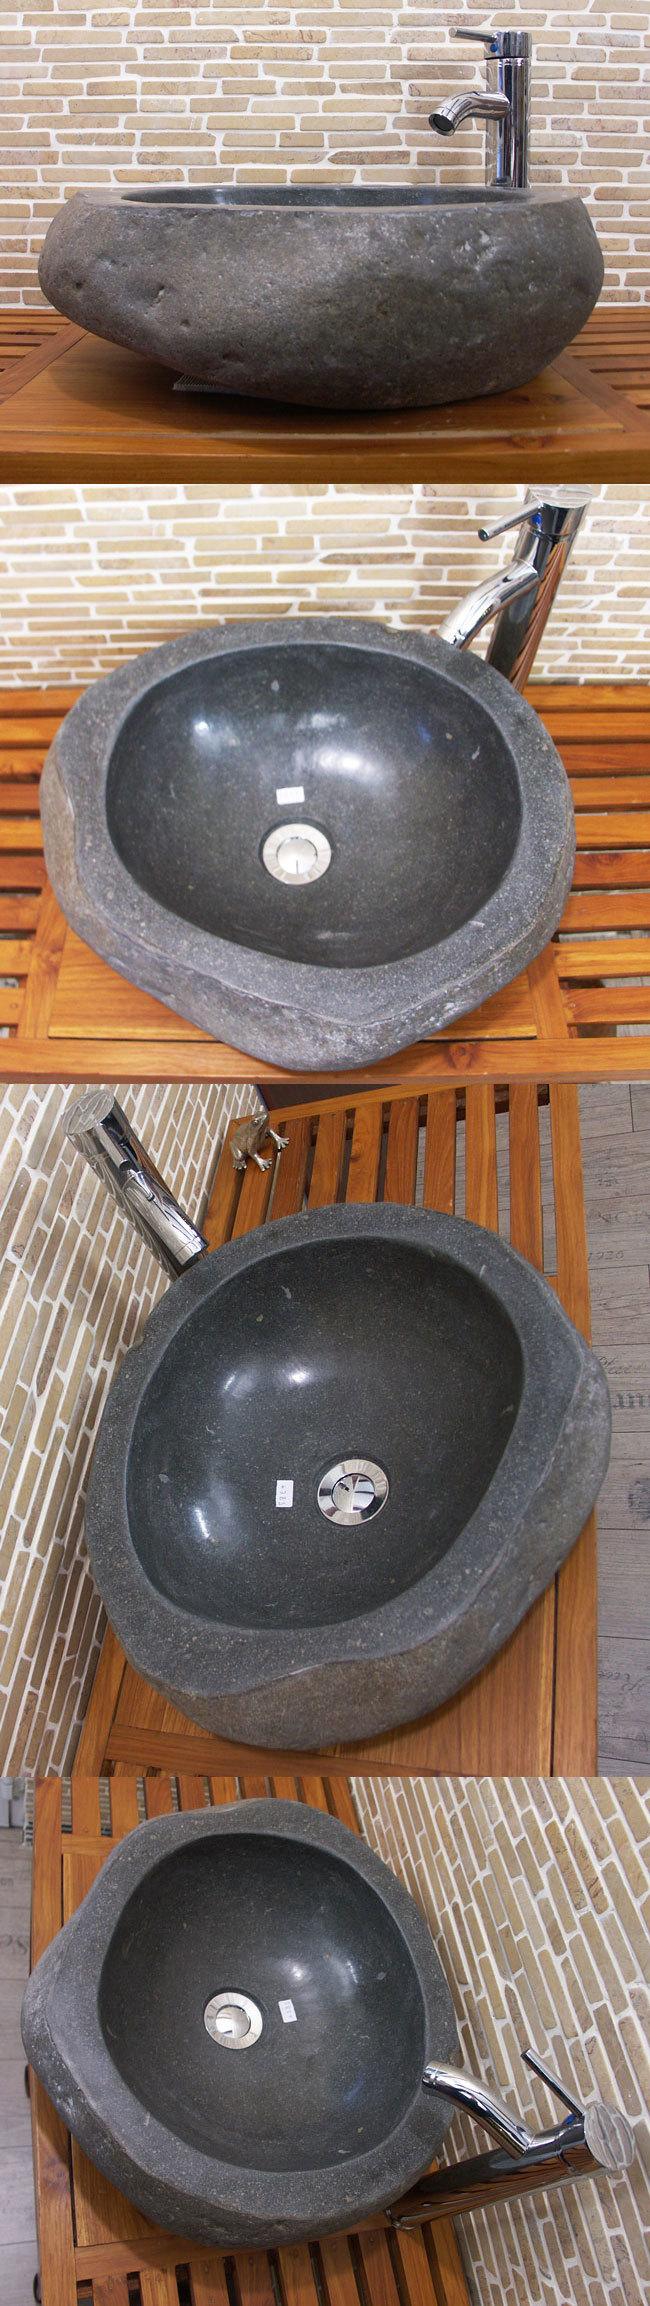 waschbecken aus flussstein bafs 58e ein unikat f r ihr bad. Black Bedroom Furniture Sets. Home Design Ideas